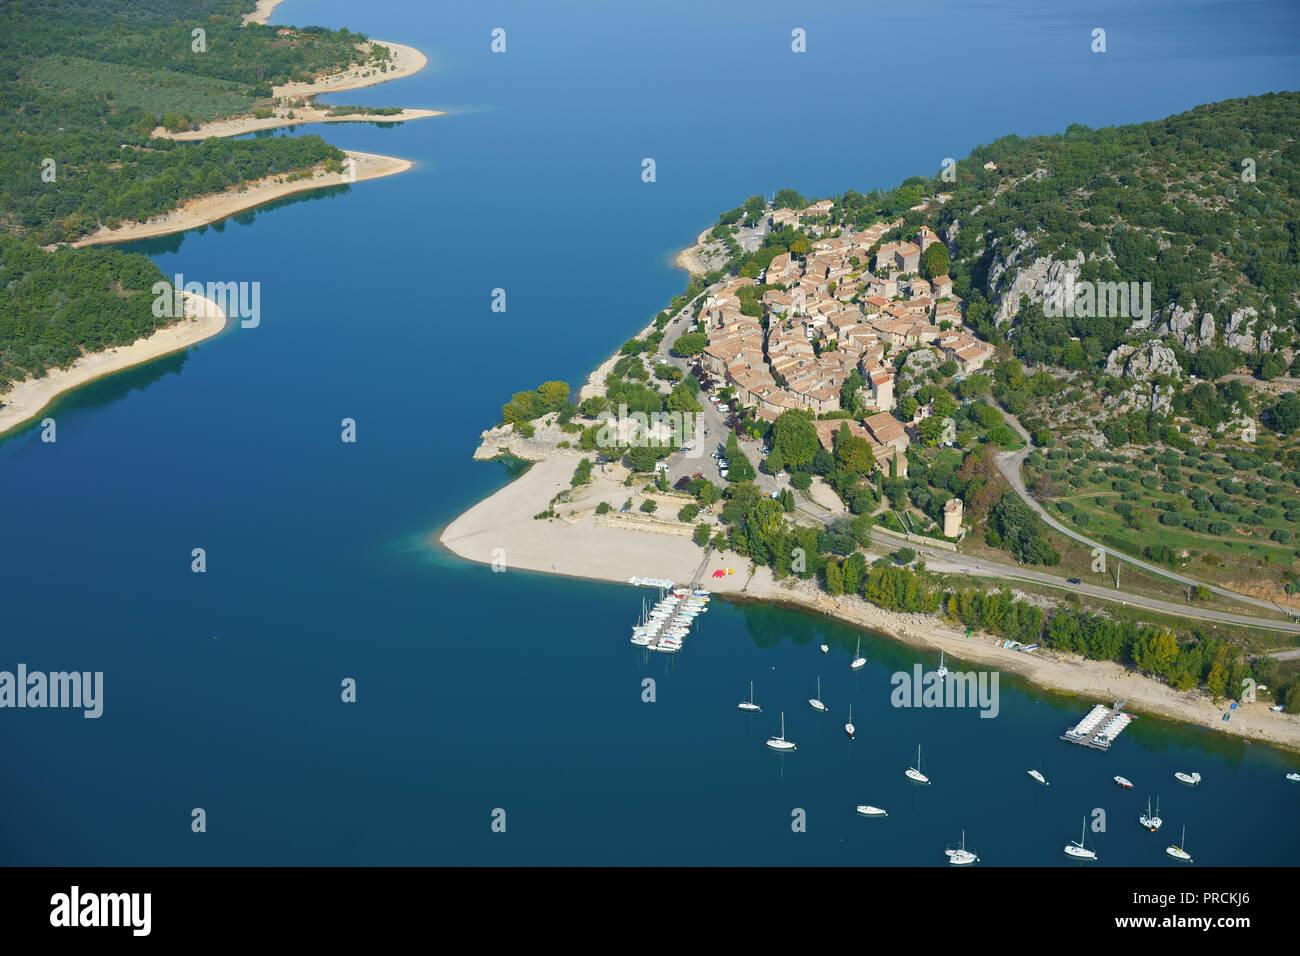 LAKESIDE RESORT VON BAUDUEN AM SEE SAINTE-CROIX (Luftbild). Var, Provence, Frankreich. Stockbild